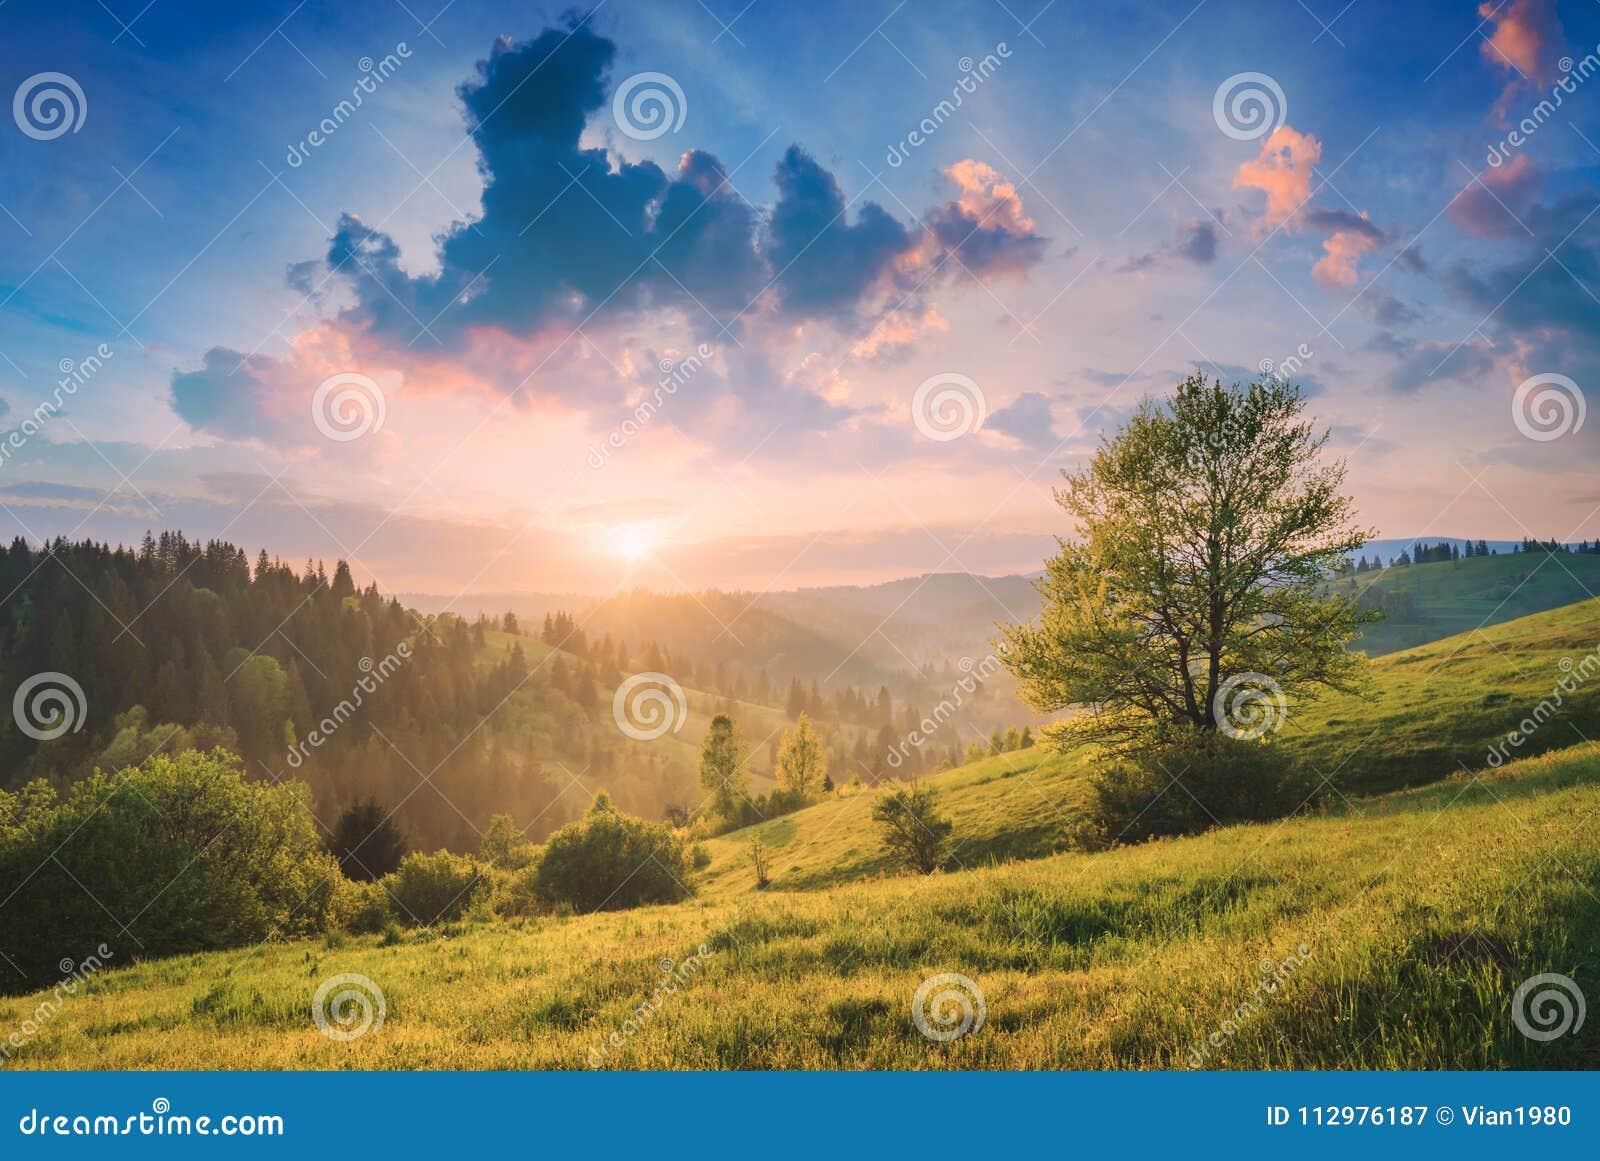 Beautiful nature of Carpathians